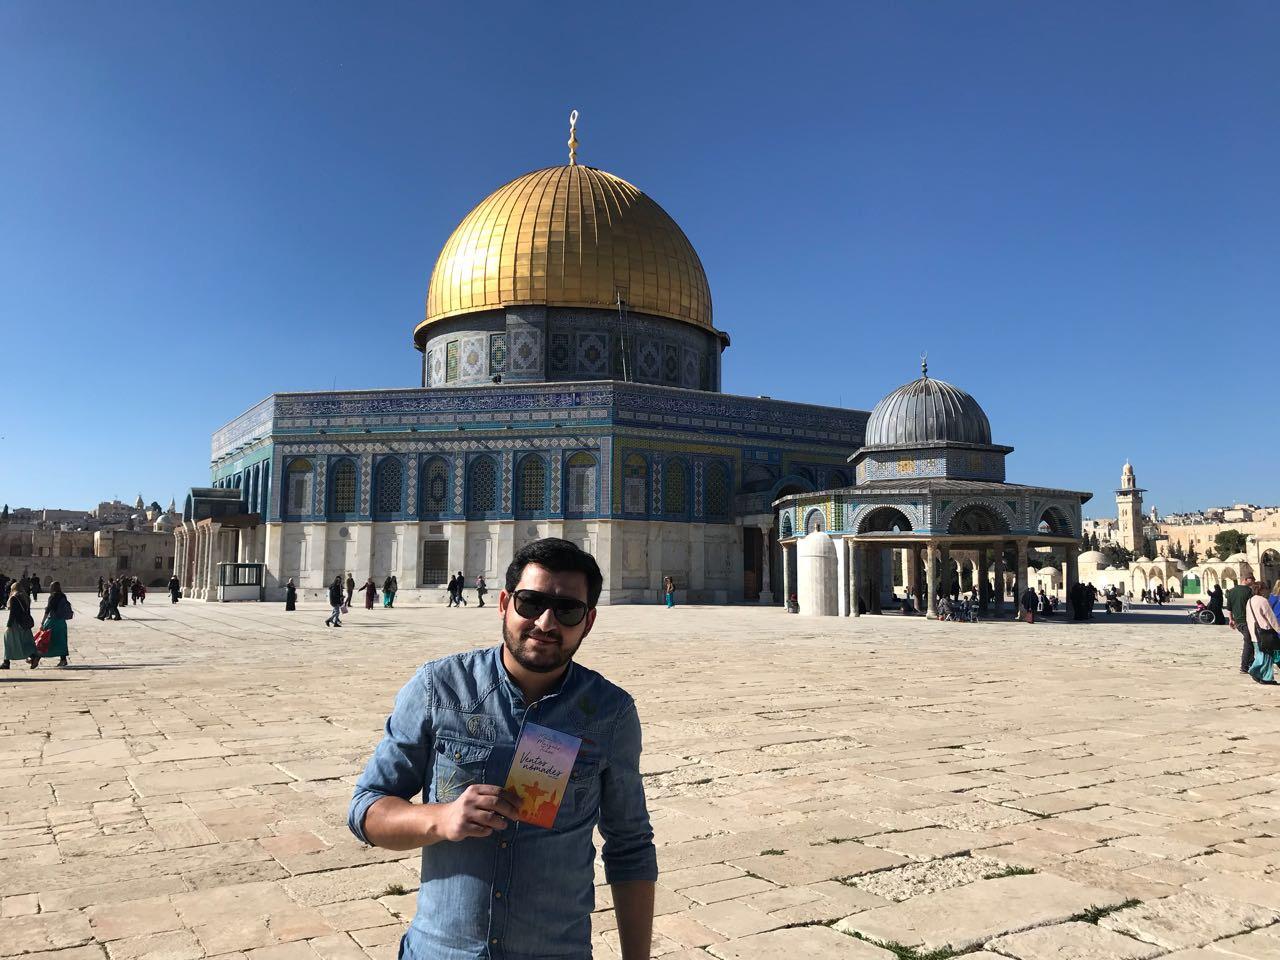 É verdade, Ventos Nômades chegou em Jerusalém. Foto by: Hrach Tamrazyan.